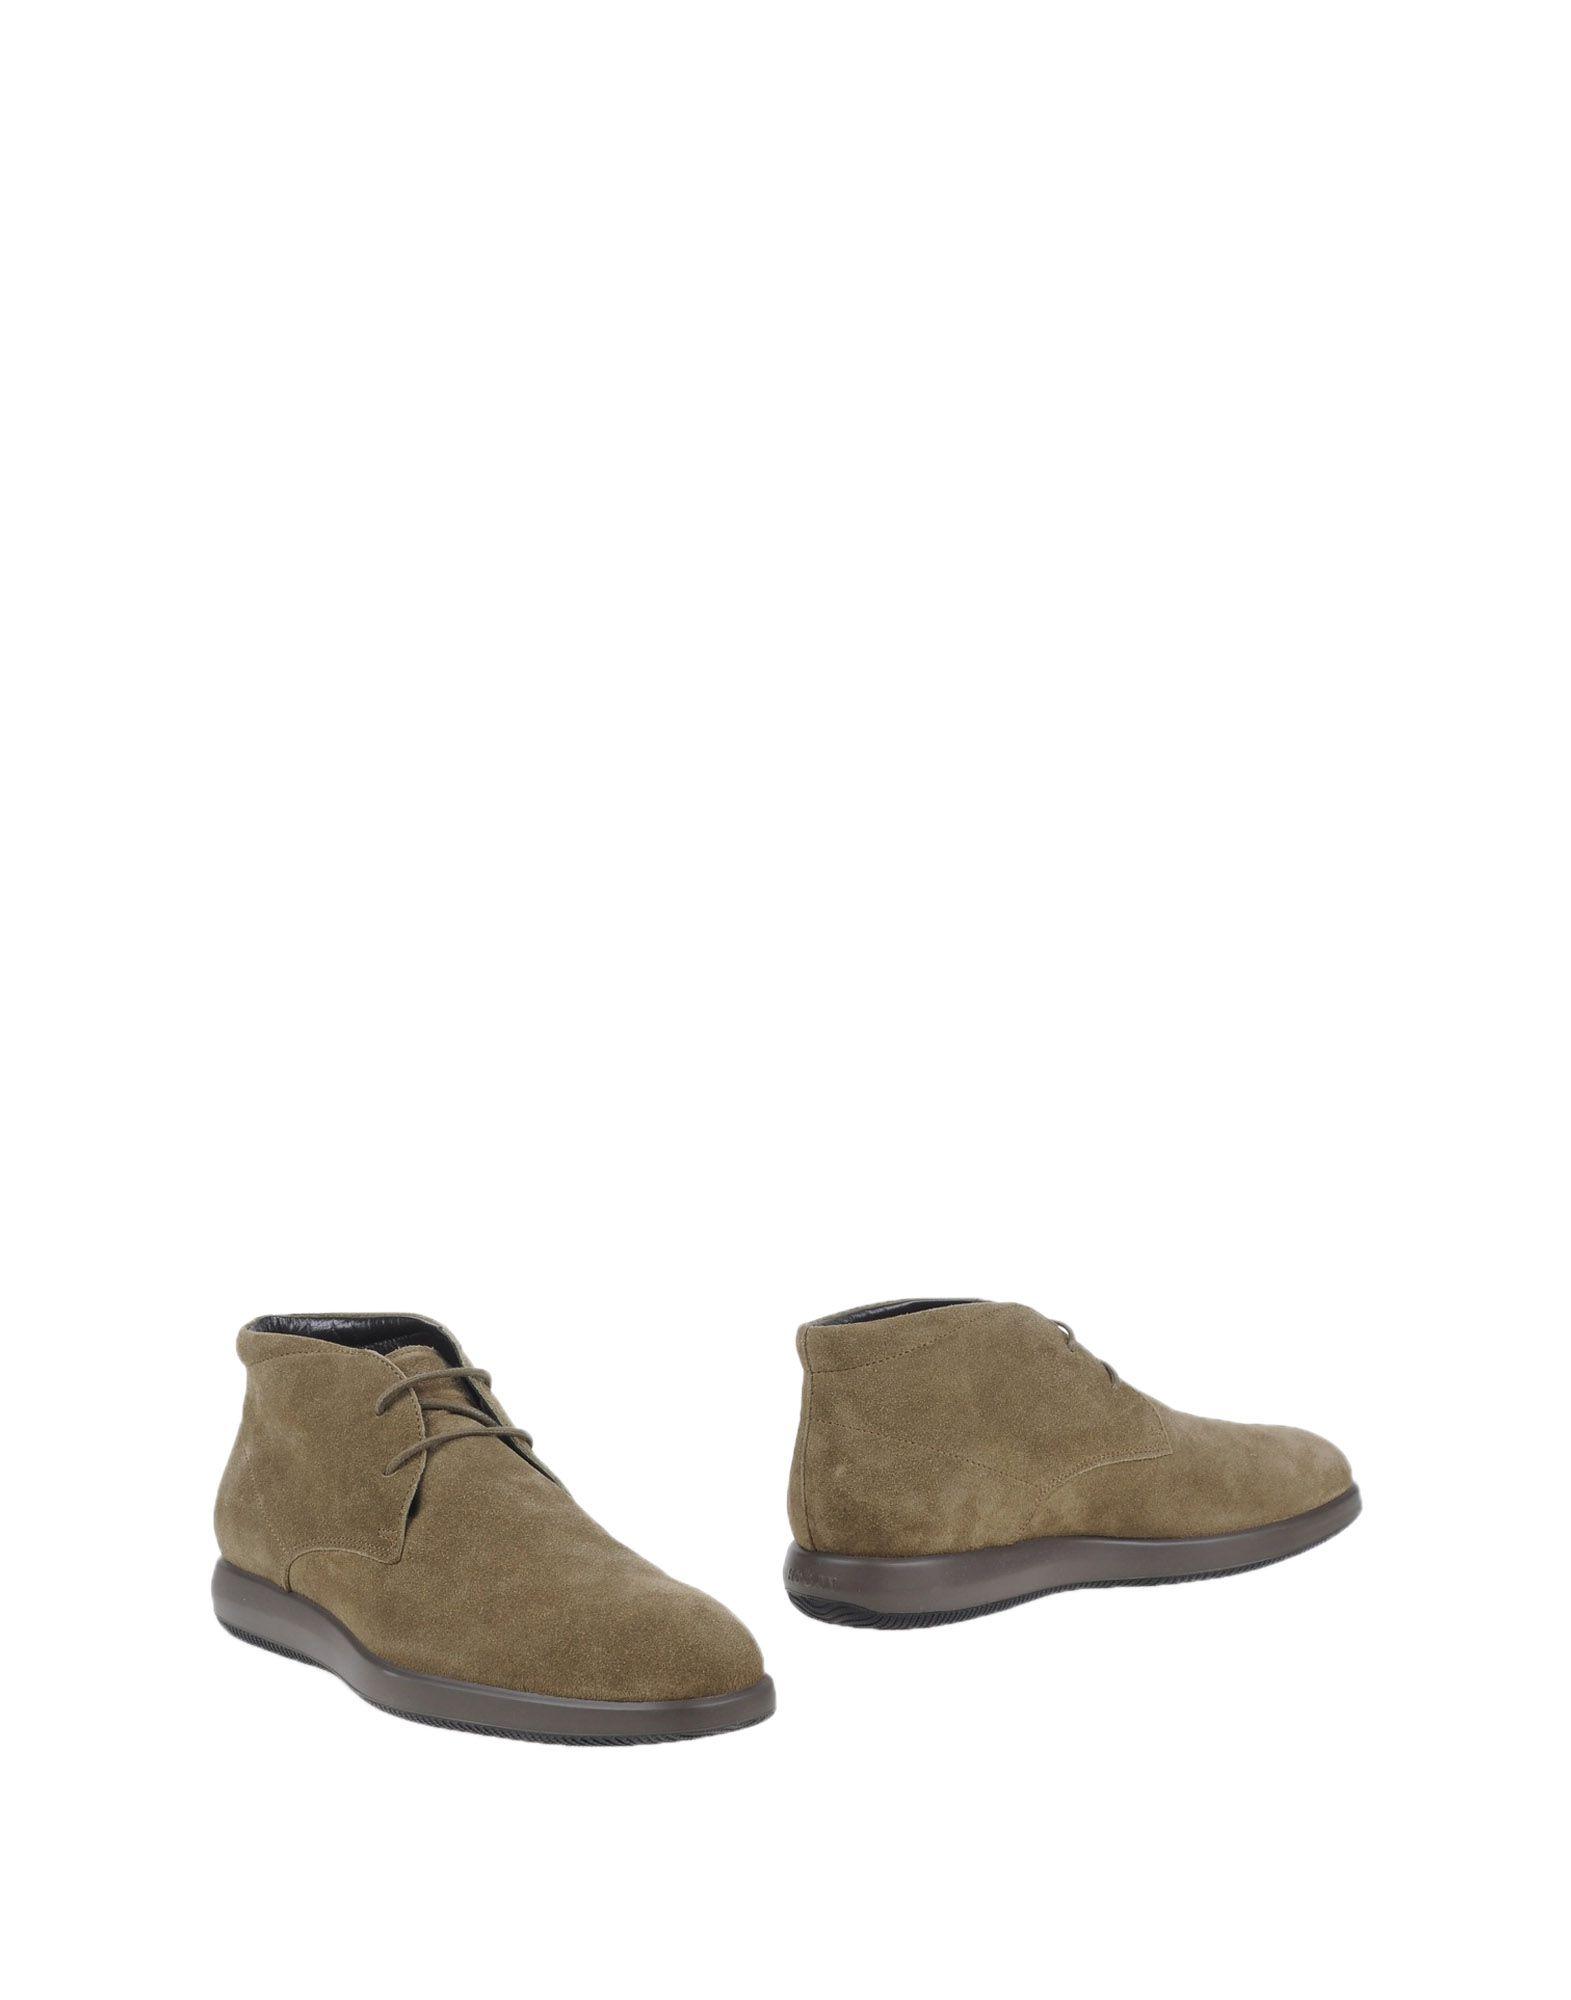 Hogan Hogan Hogan Stiefelette Herren  11034387LK Gute Qualität beliebte Schuhe 767ccc